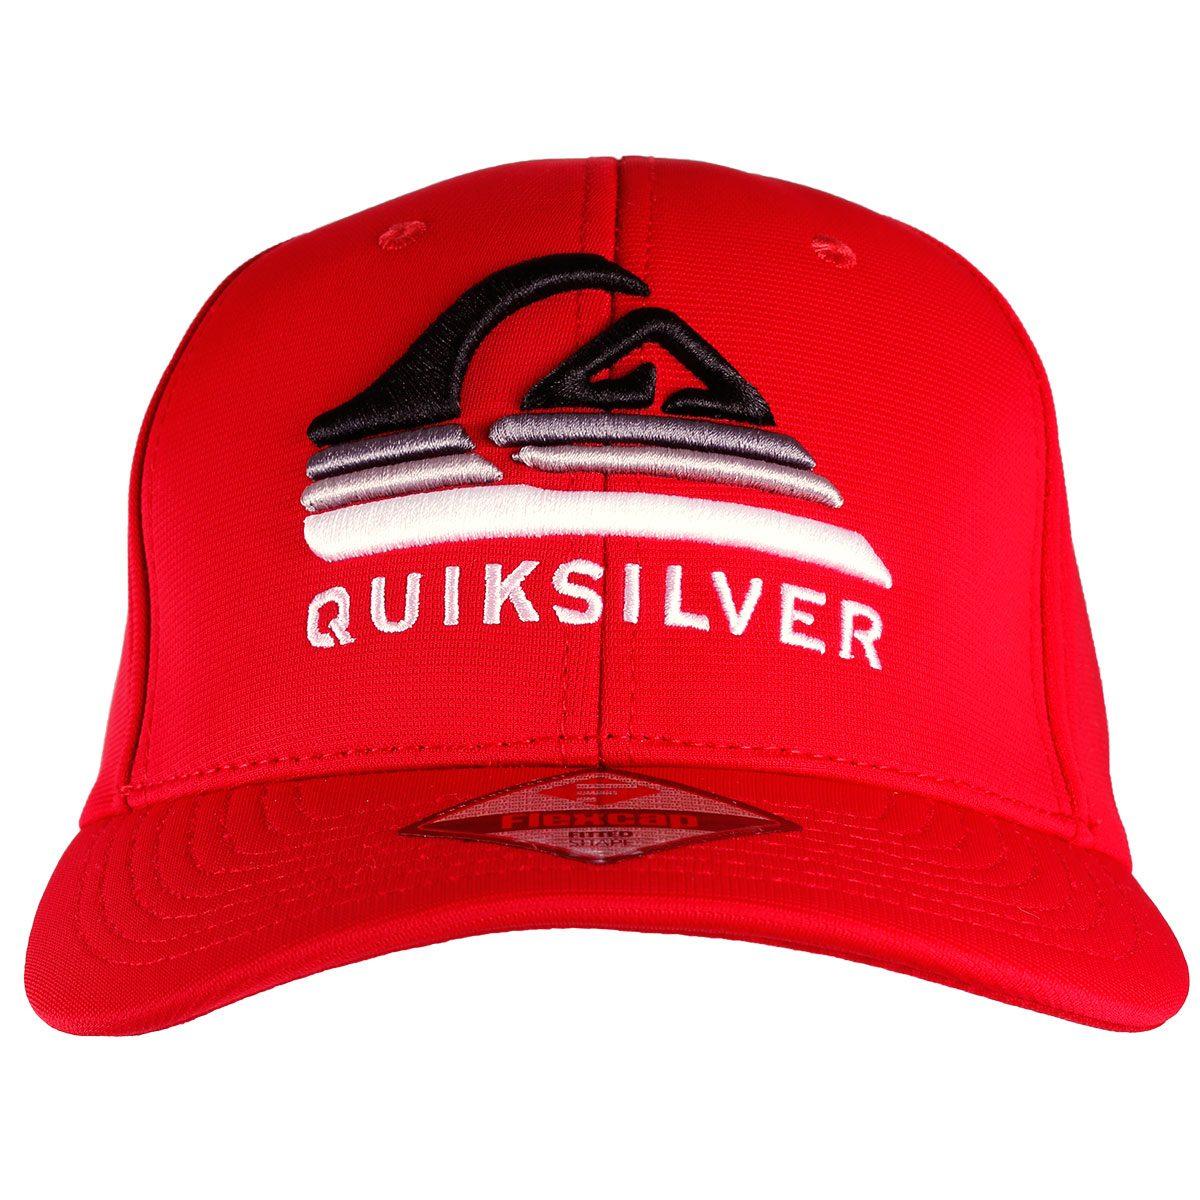 boné quiksilver curved peak devided logo vermelho. Carregando zoom. 6bb77de17ed